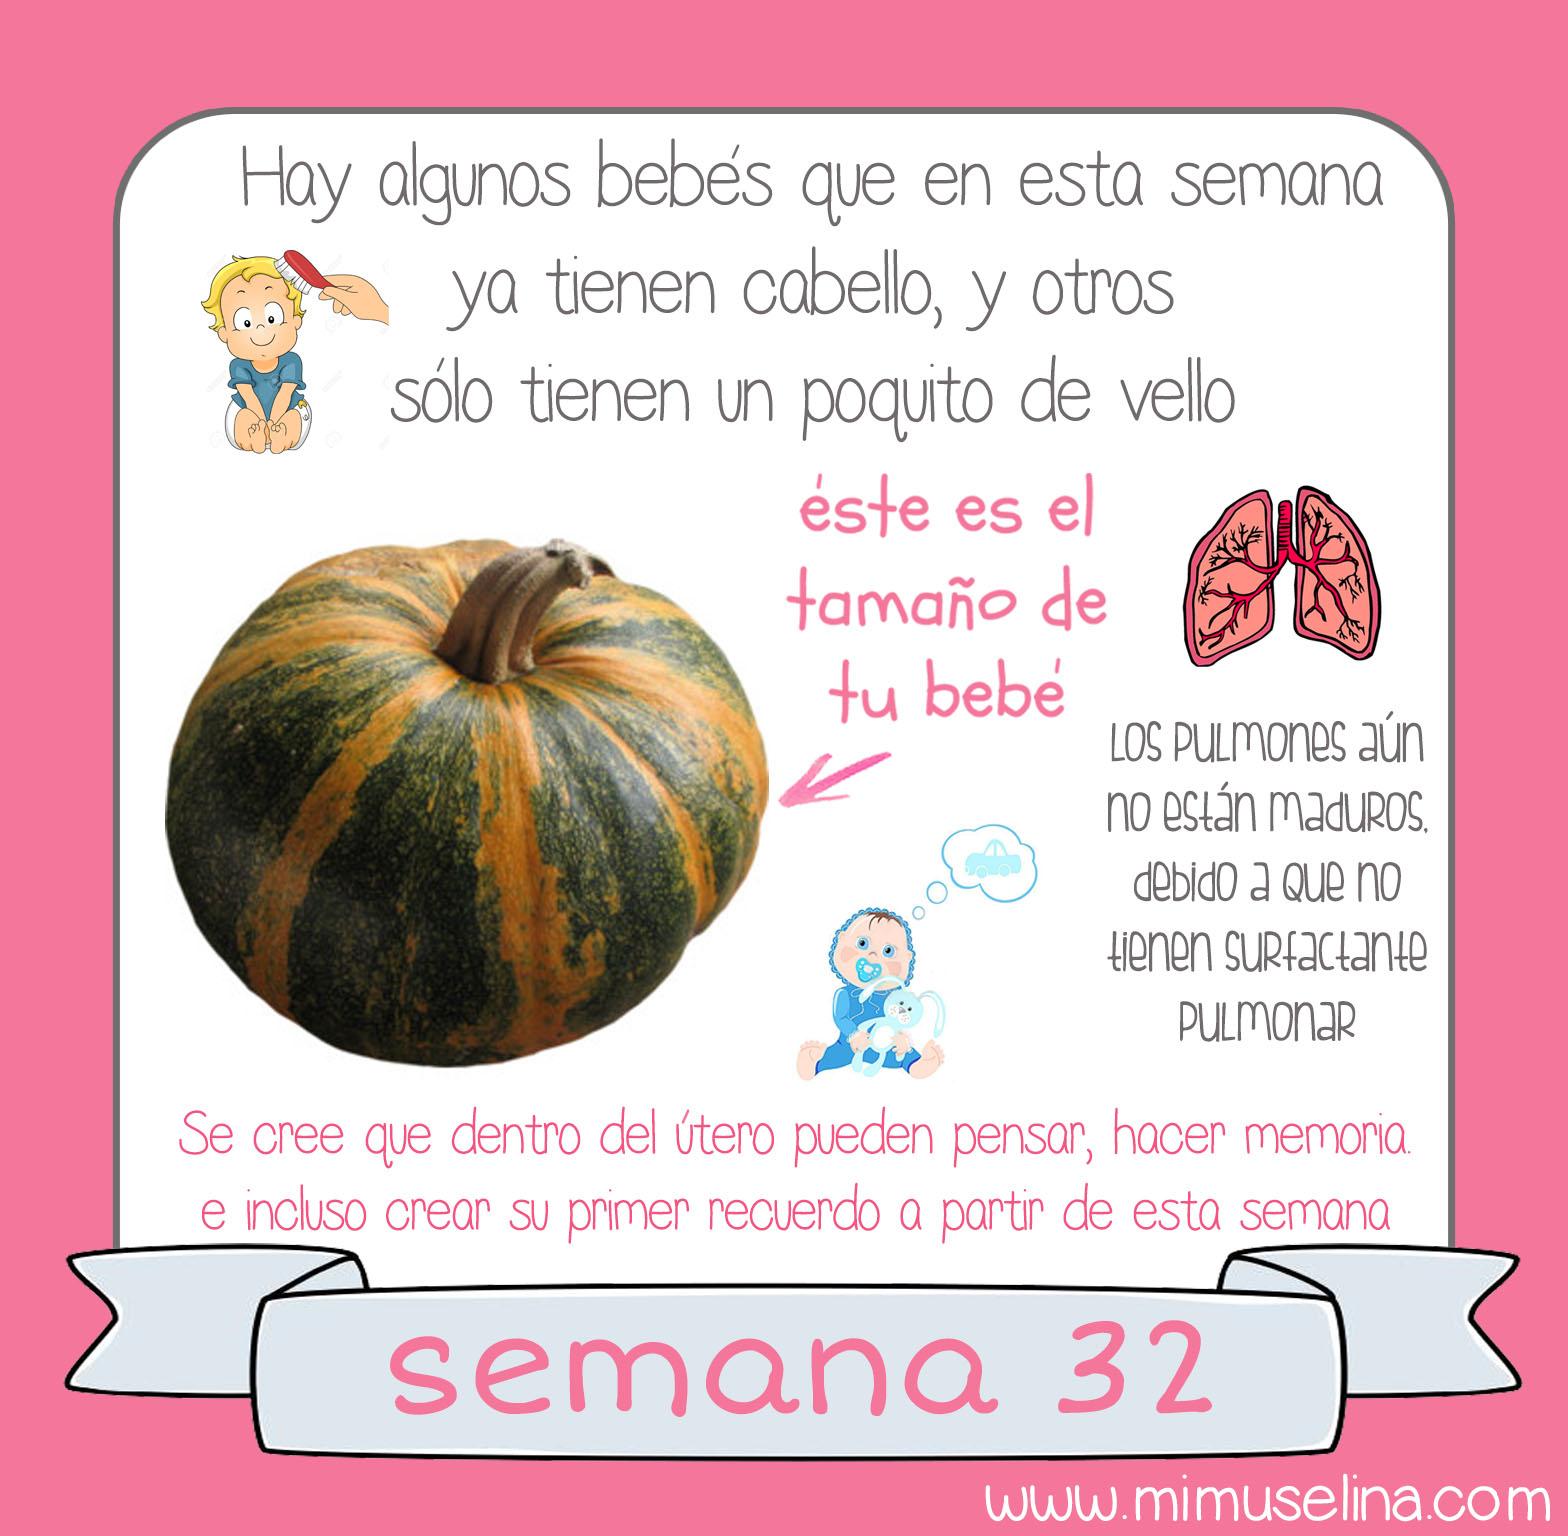 c8d68e128 album recuerdos libro información bebé feto evolución semana a semana del  embarazo semana 32 bebé tamaño